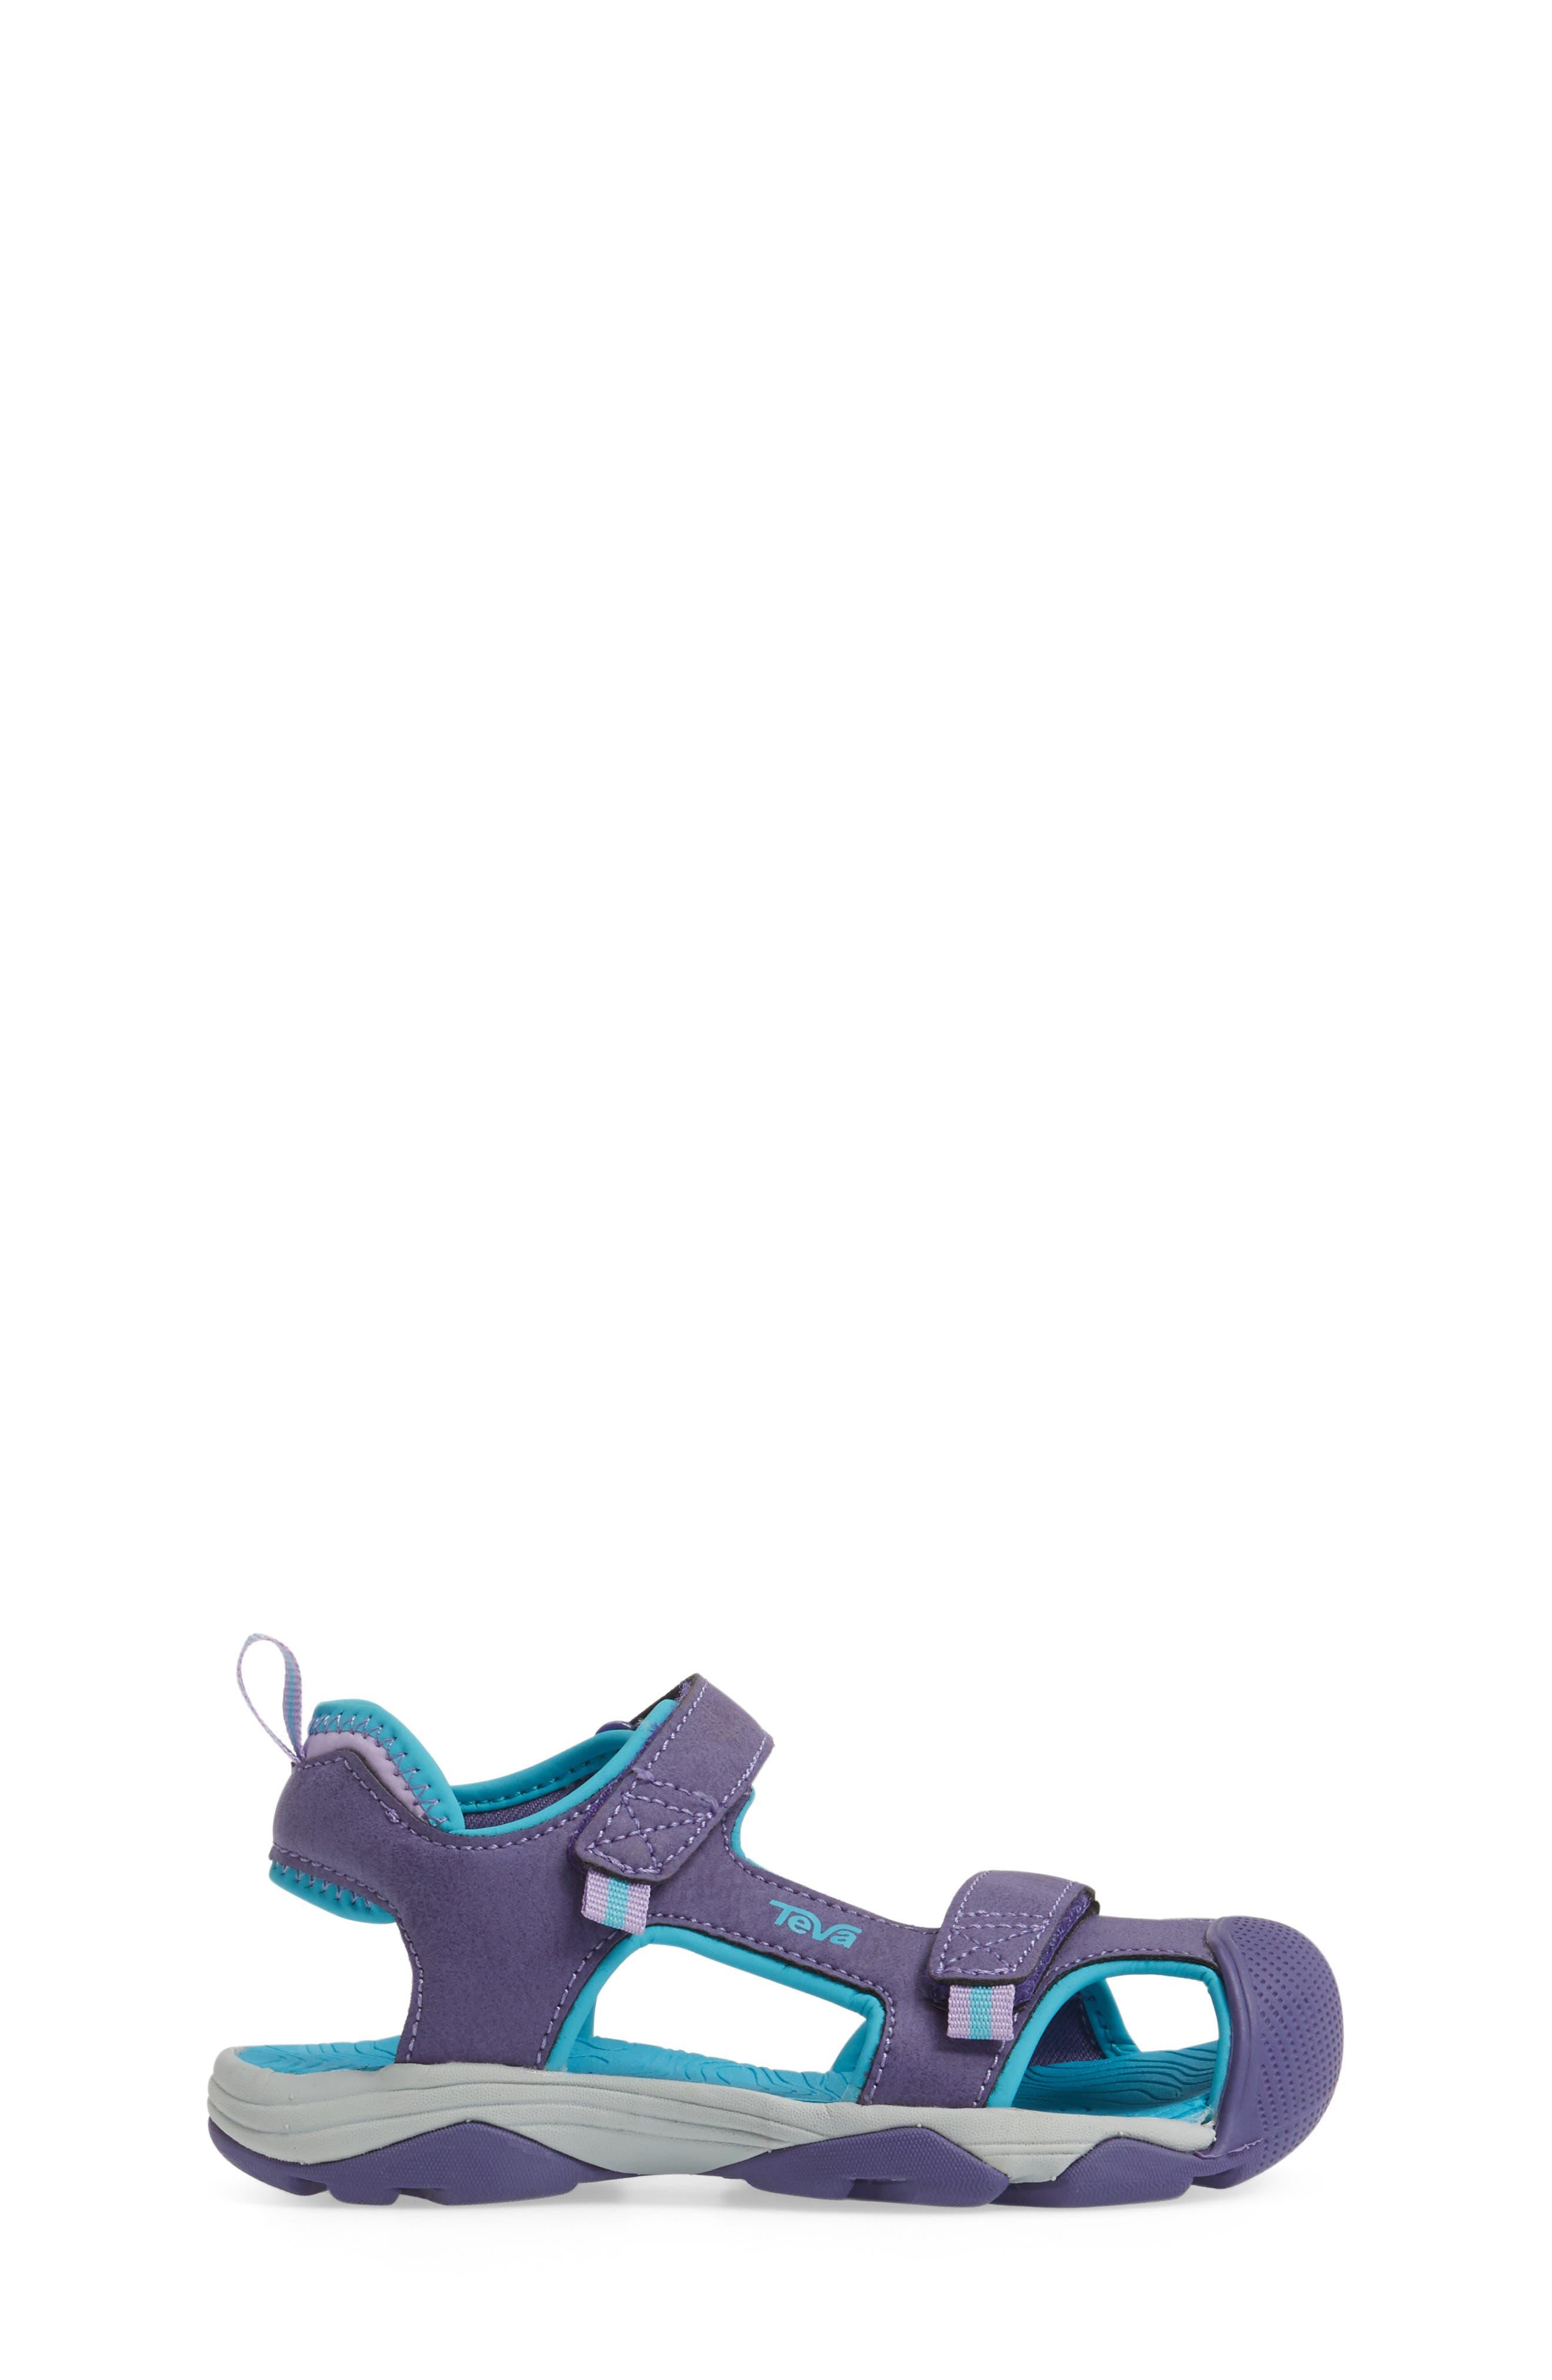 Toachi 4 Sport Sandal,                             Alternate thumbnail 3, color,